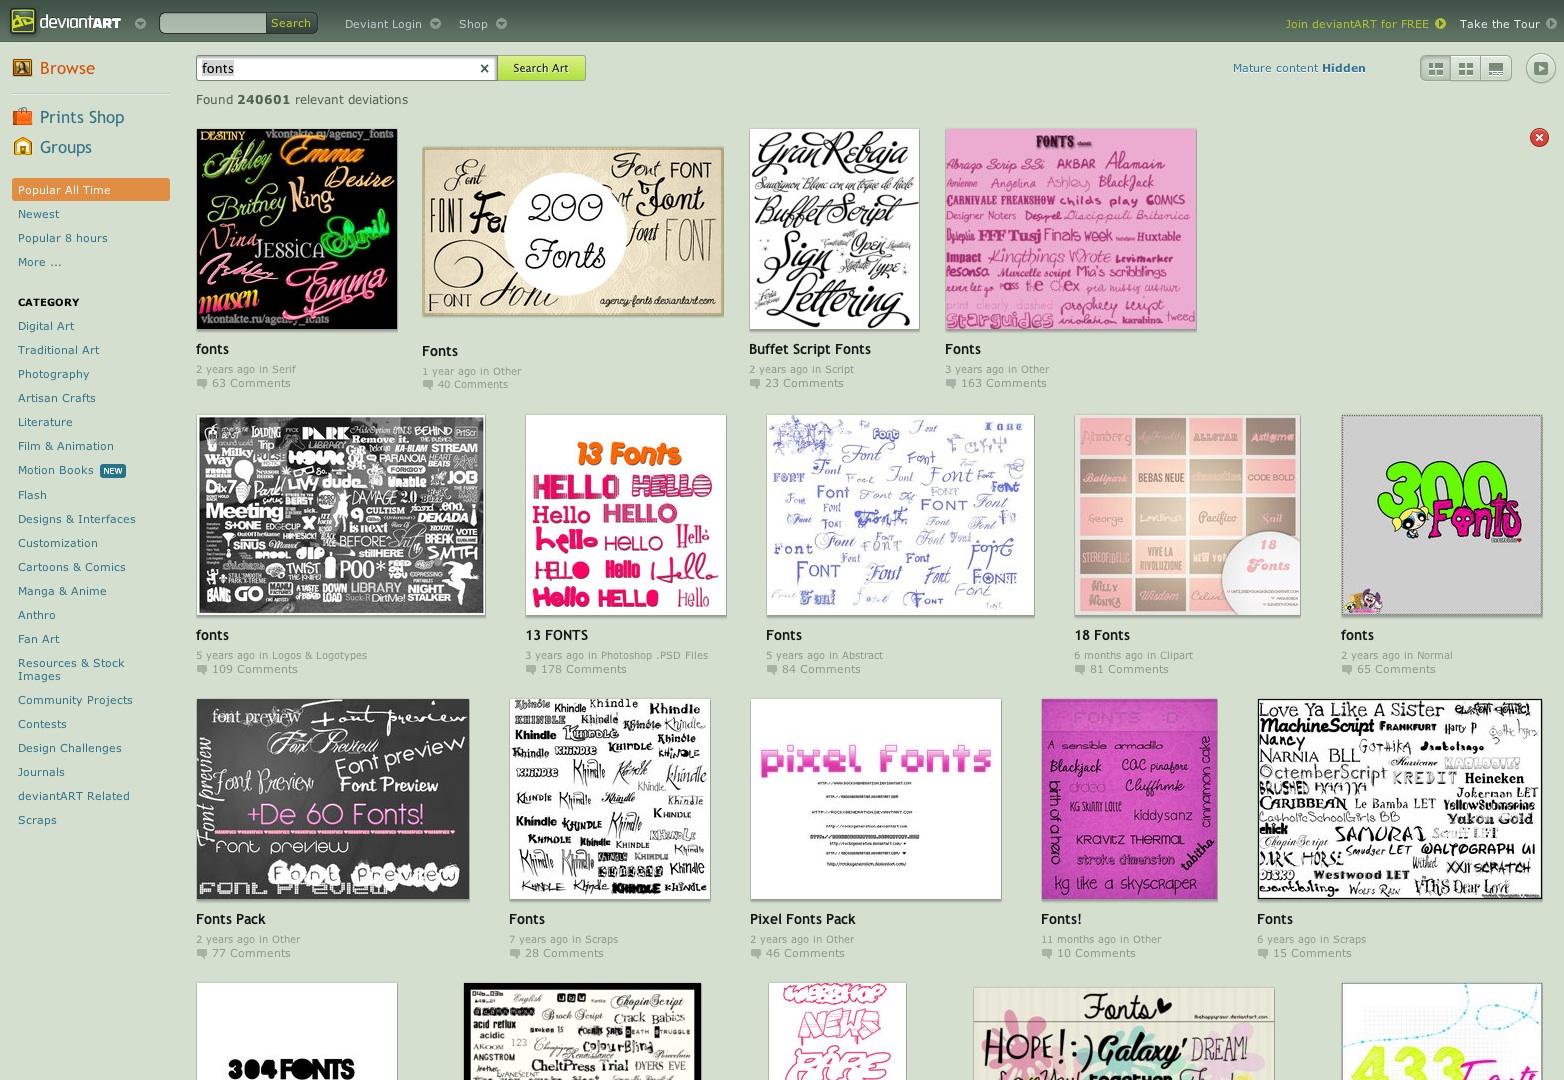 http --- browse.deviantart.com-? q = fonts (20130612)